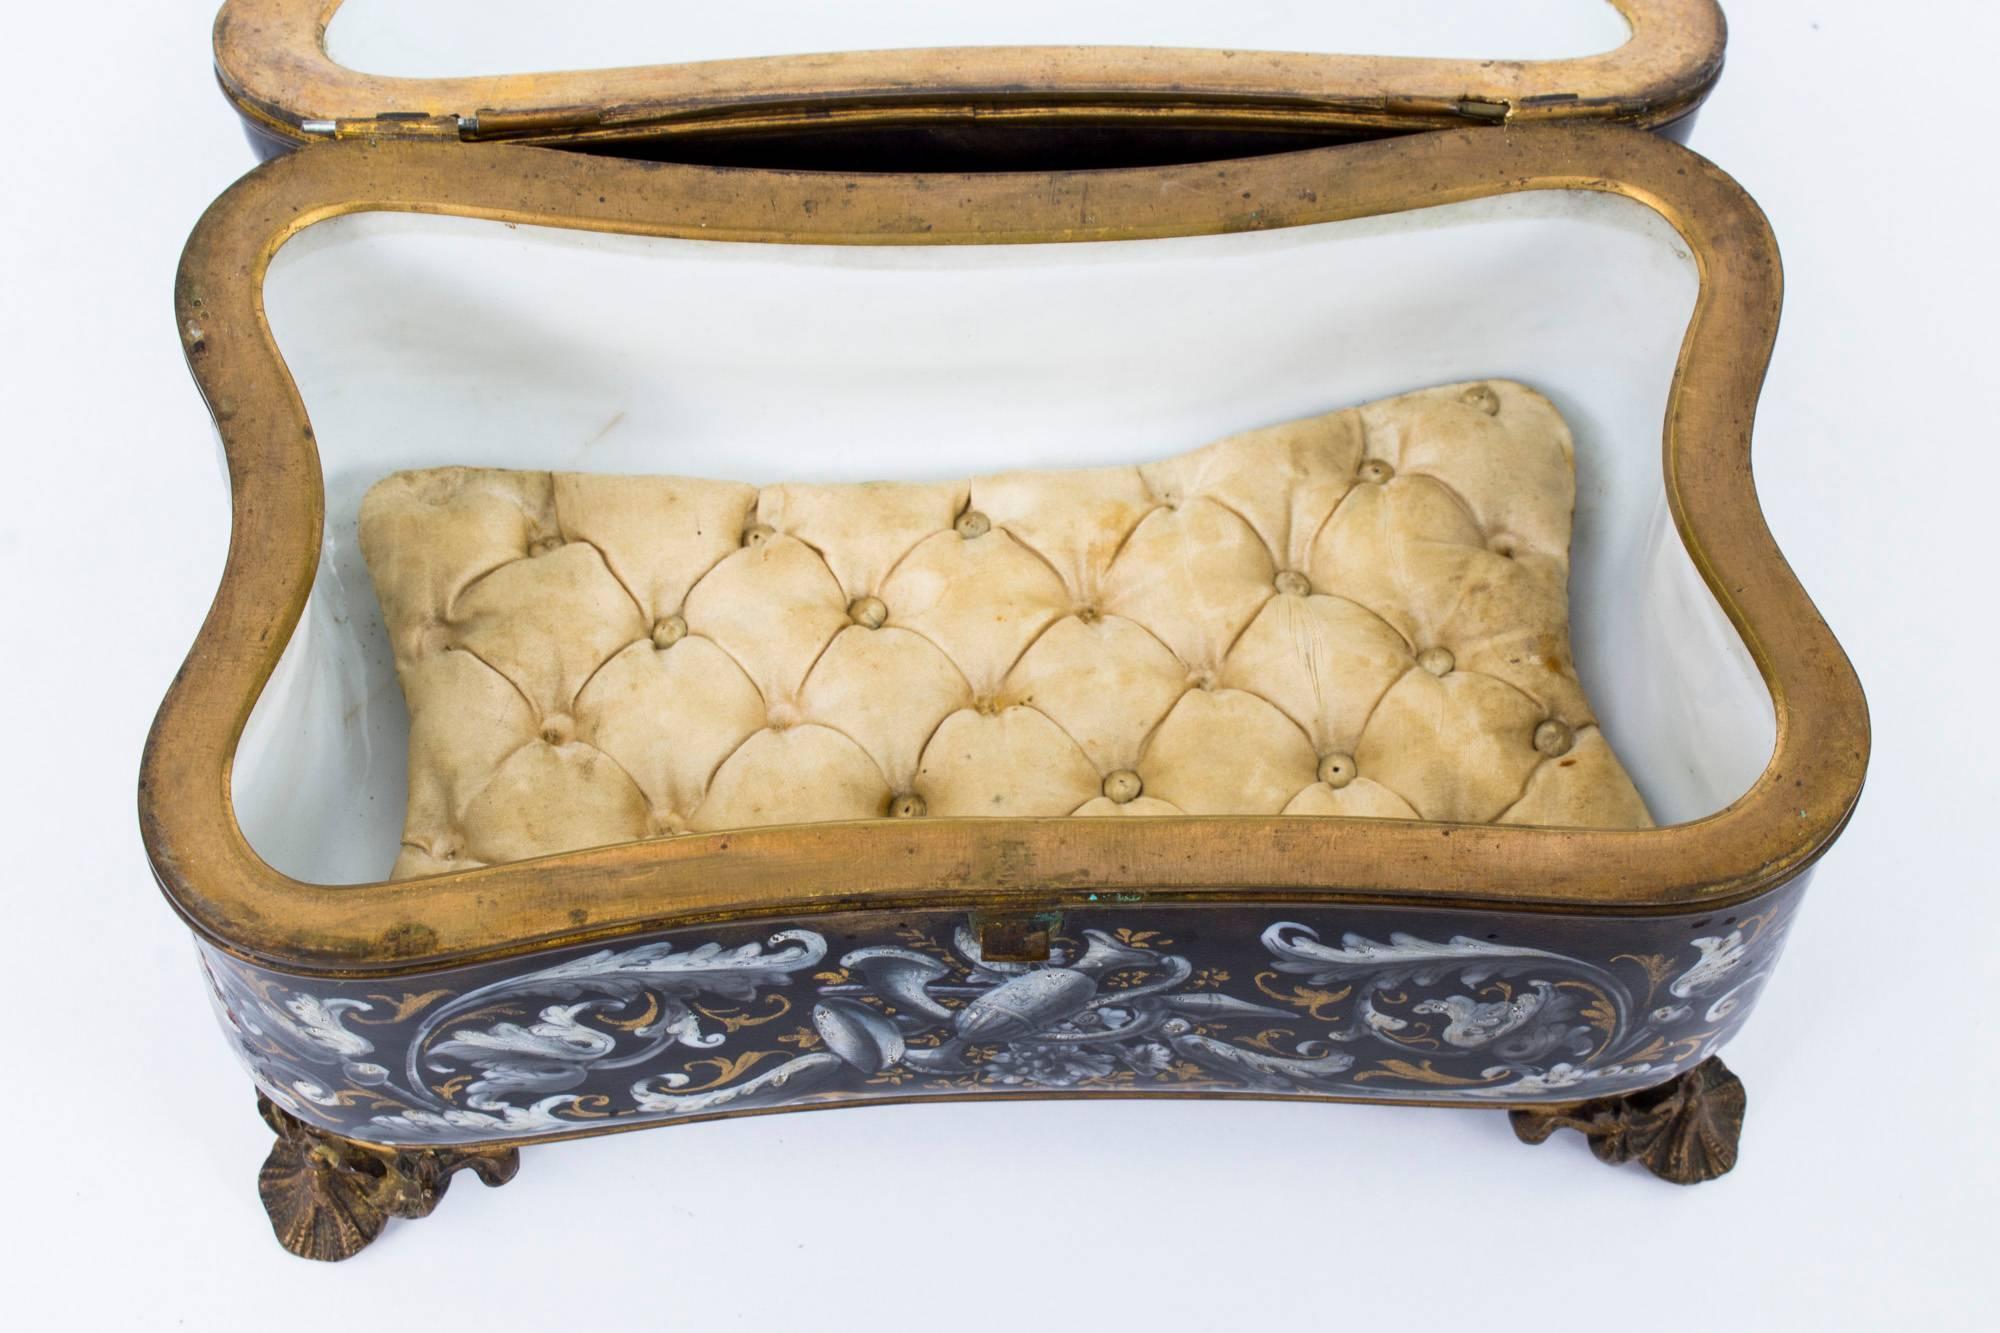 Antique French Jewelry Casket 1000 Jewelry Box